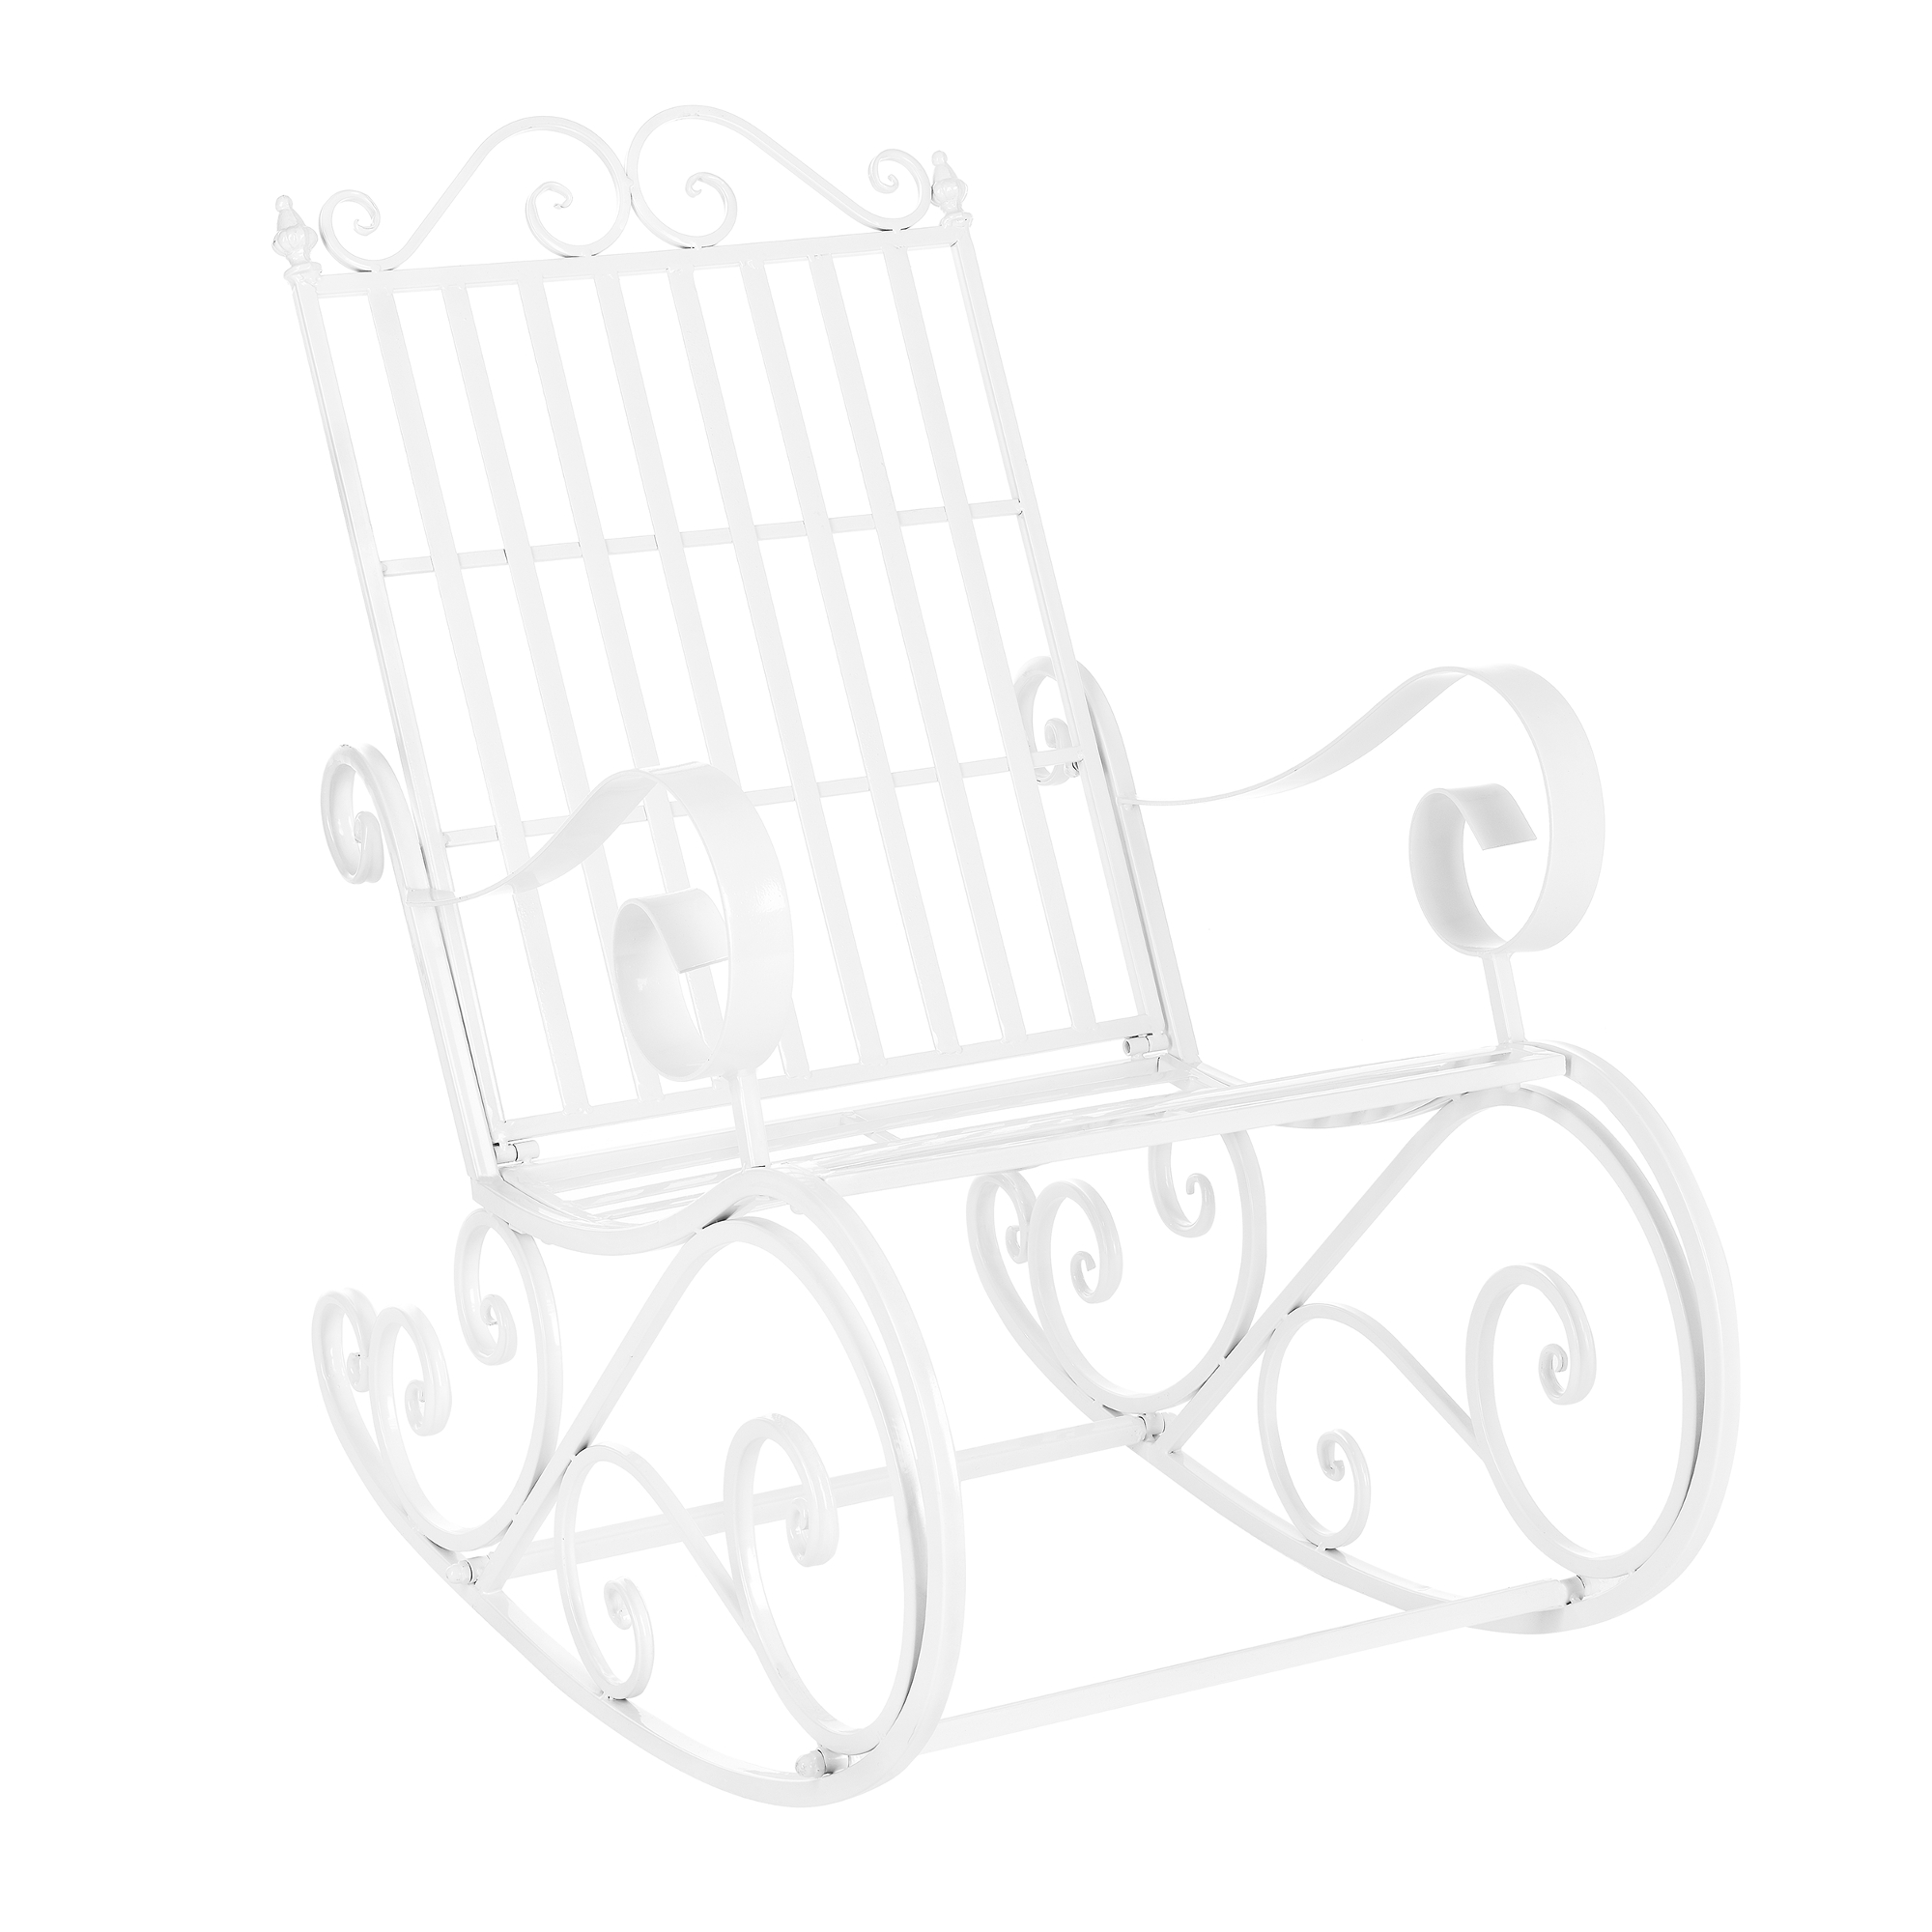 [casa.pro]® Kovové zahradní houpací křeslo,92 x 59 x 90 cm,44 cm,bilá